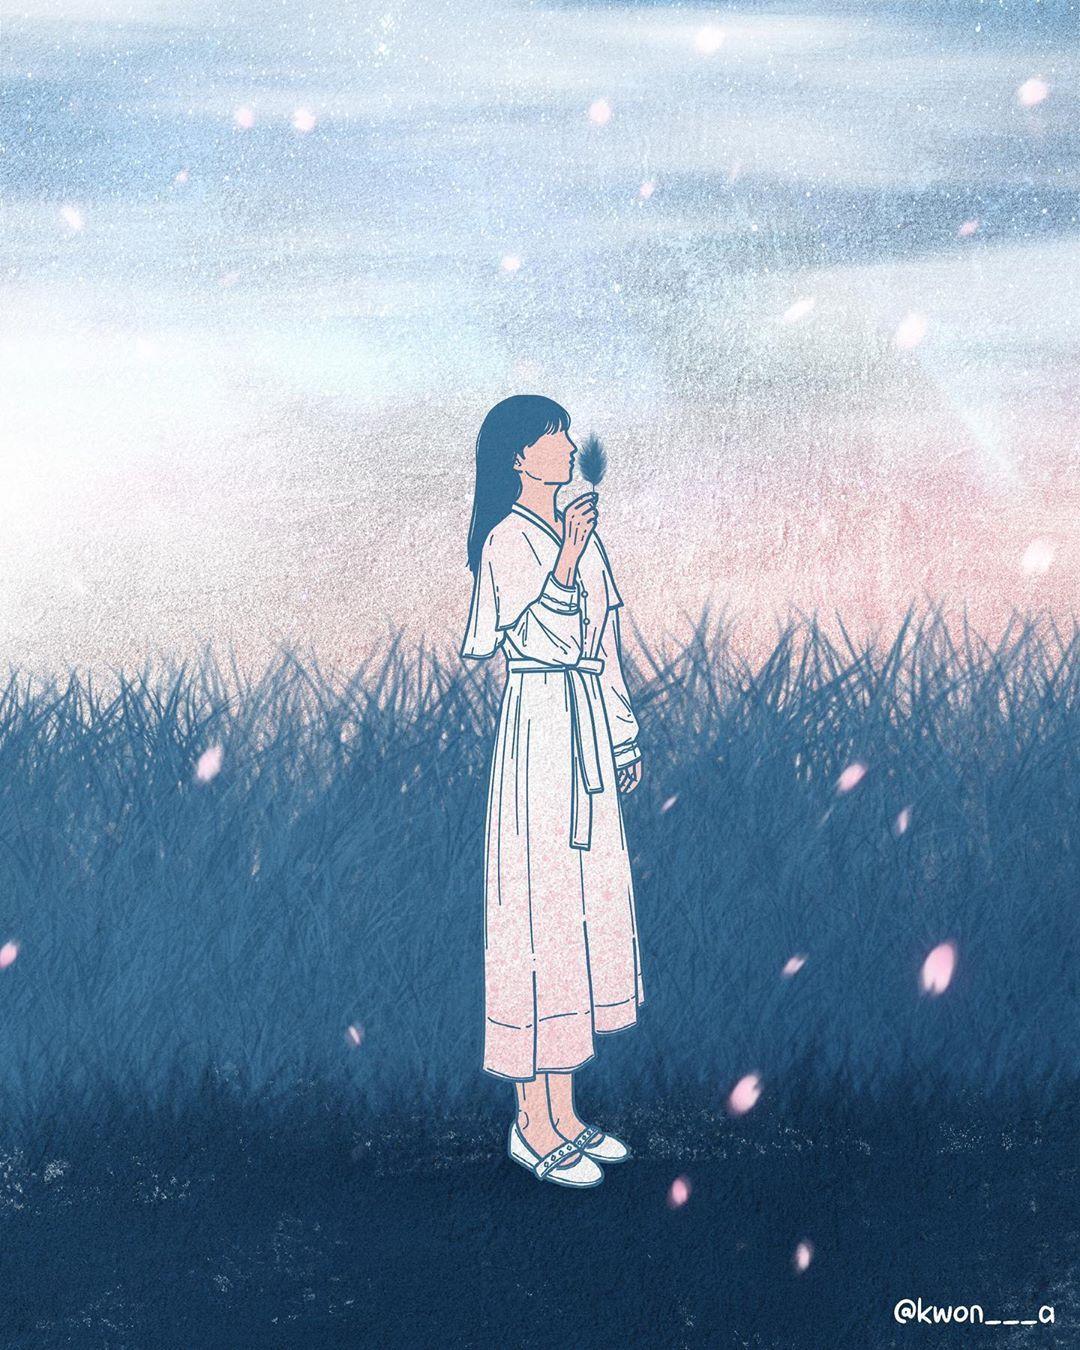 韩国插画师kwon___a笔下的情侣亲密照 涨姿势 第11张